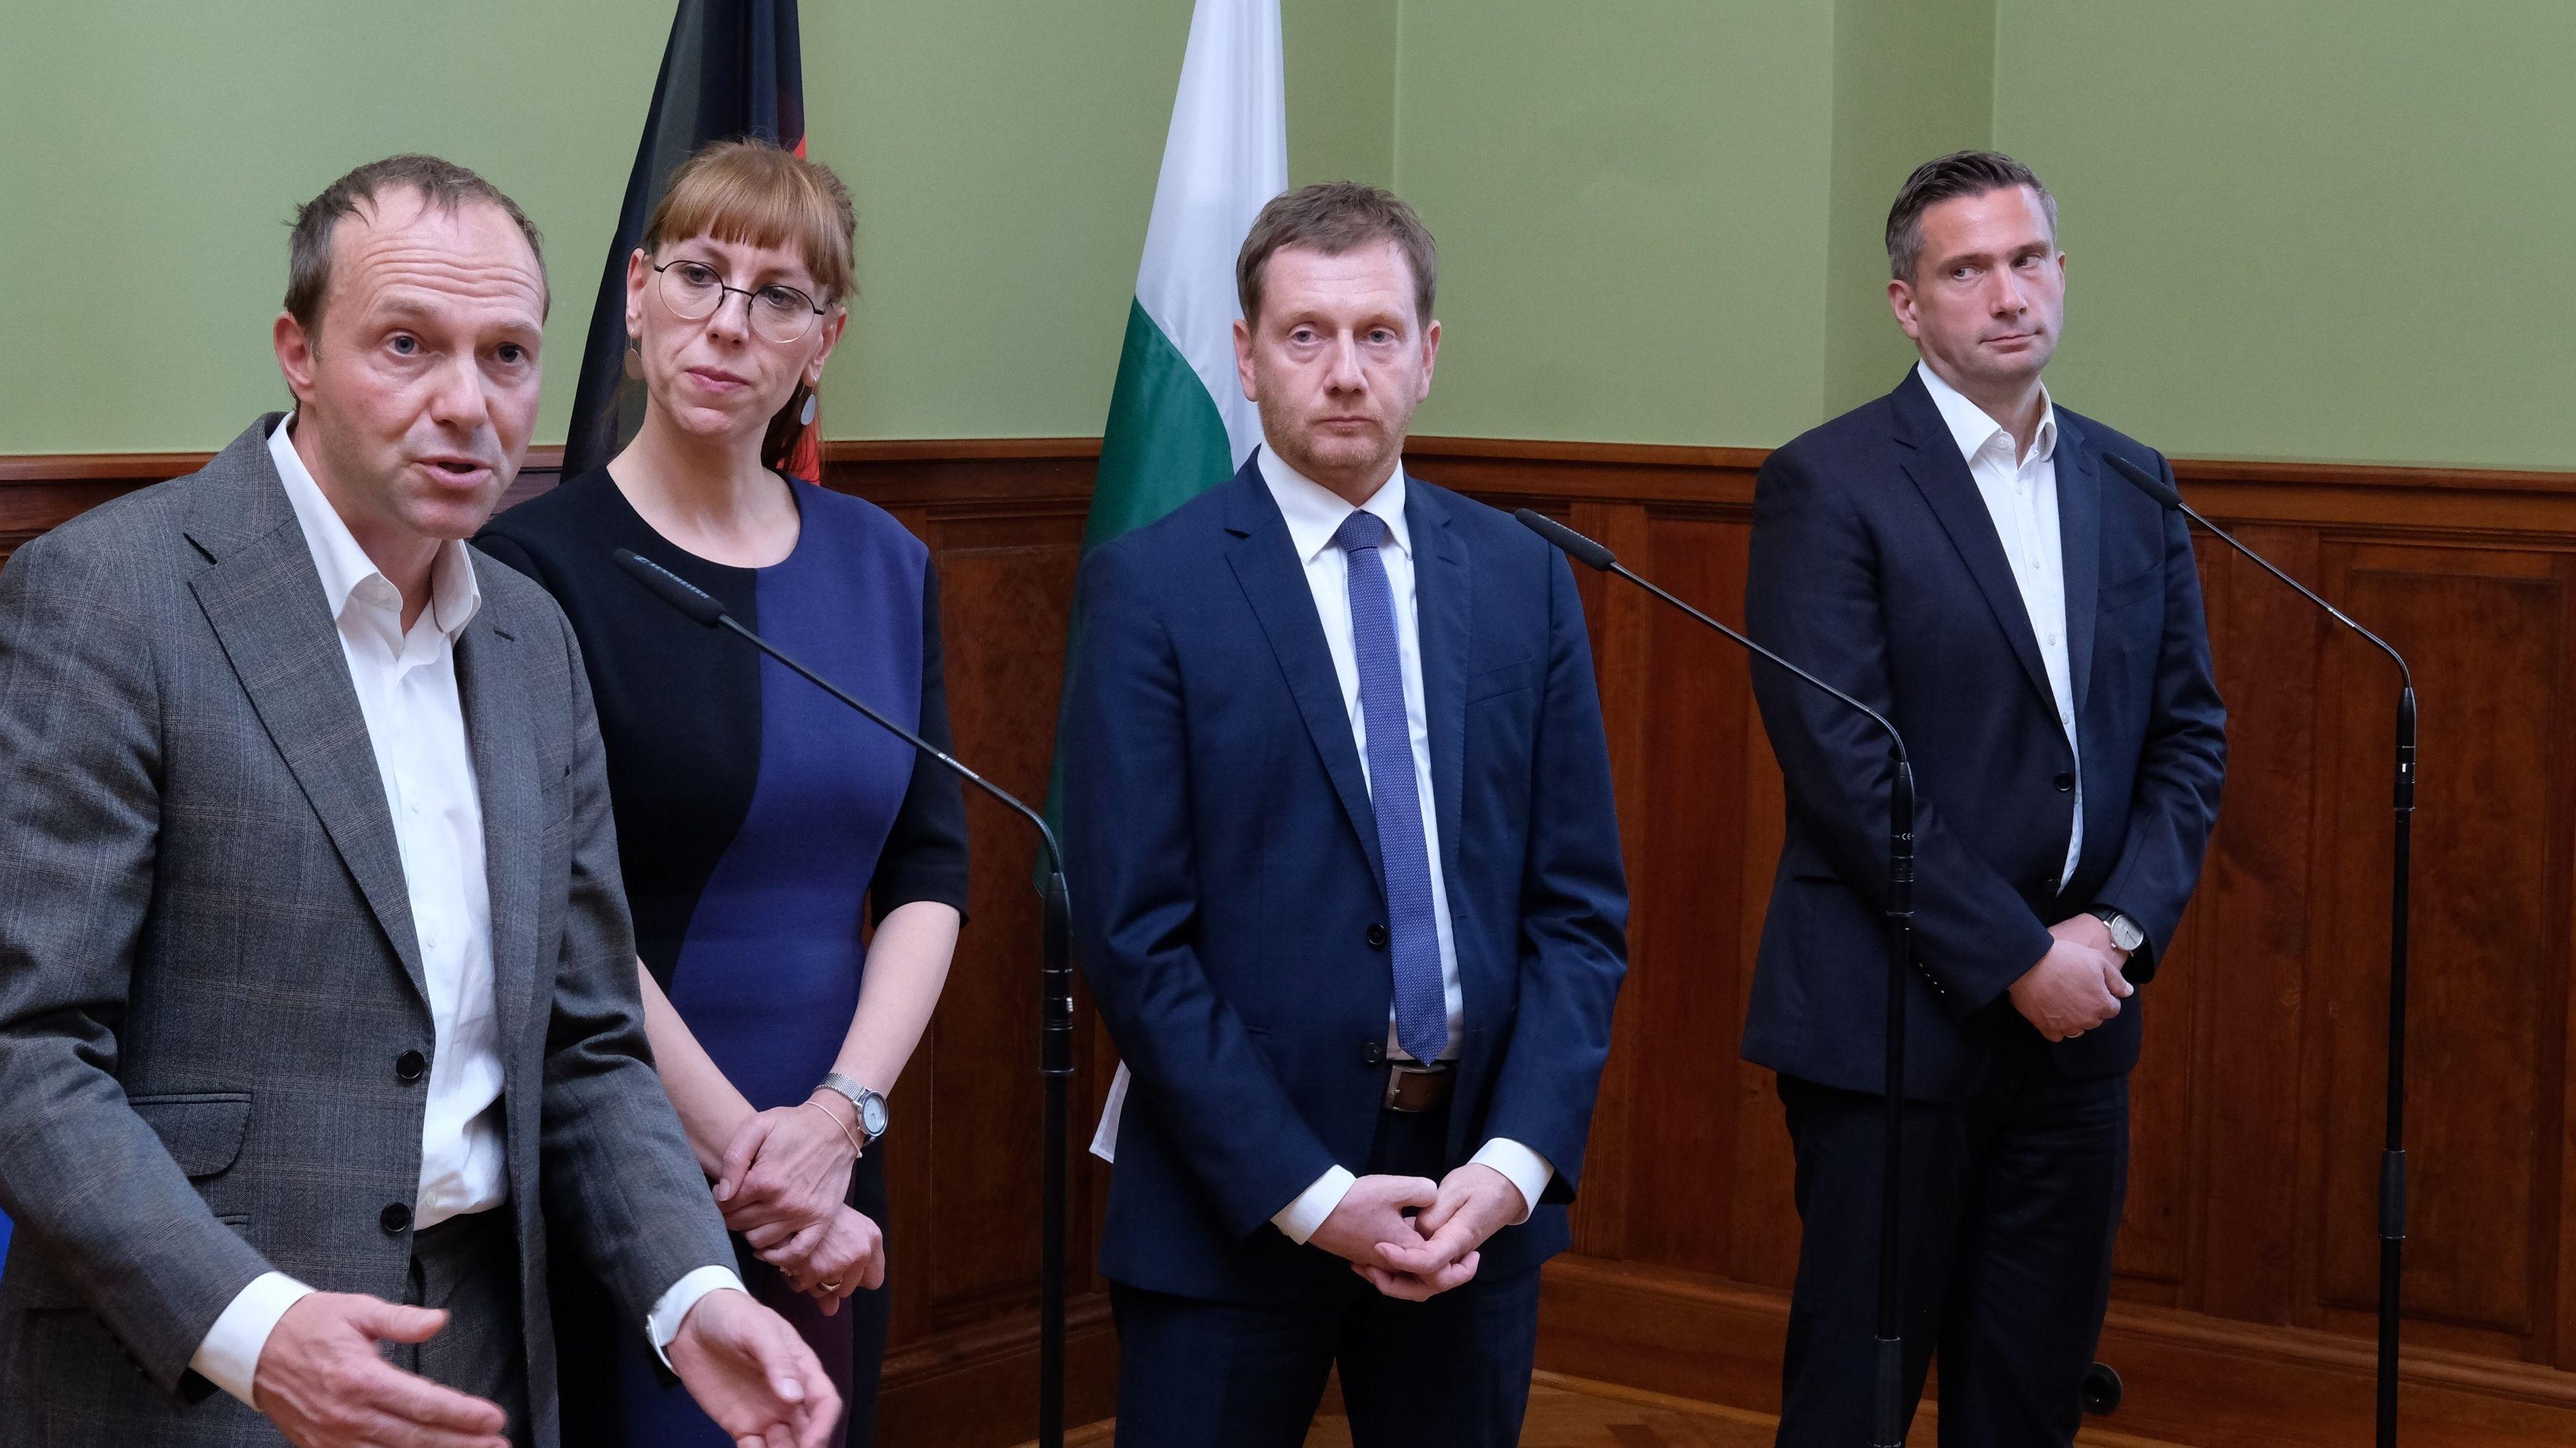 Wolfram Günther und Katja Meier, Spitzenkandidaten von Bündnis 90/ Die Grünen zur sächsischen Landtagswahl, Michael Kretschmer (CDU), Sachsens Ministerpräsident, und Martin Dulig, Vorsitzender der SPD Sachsen